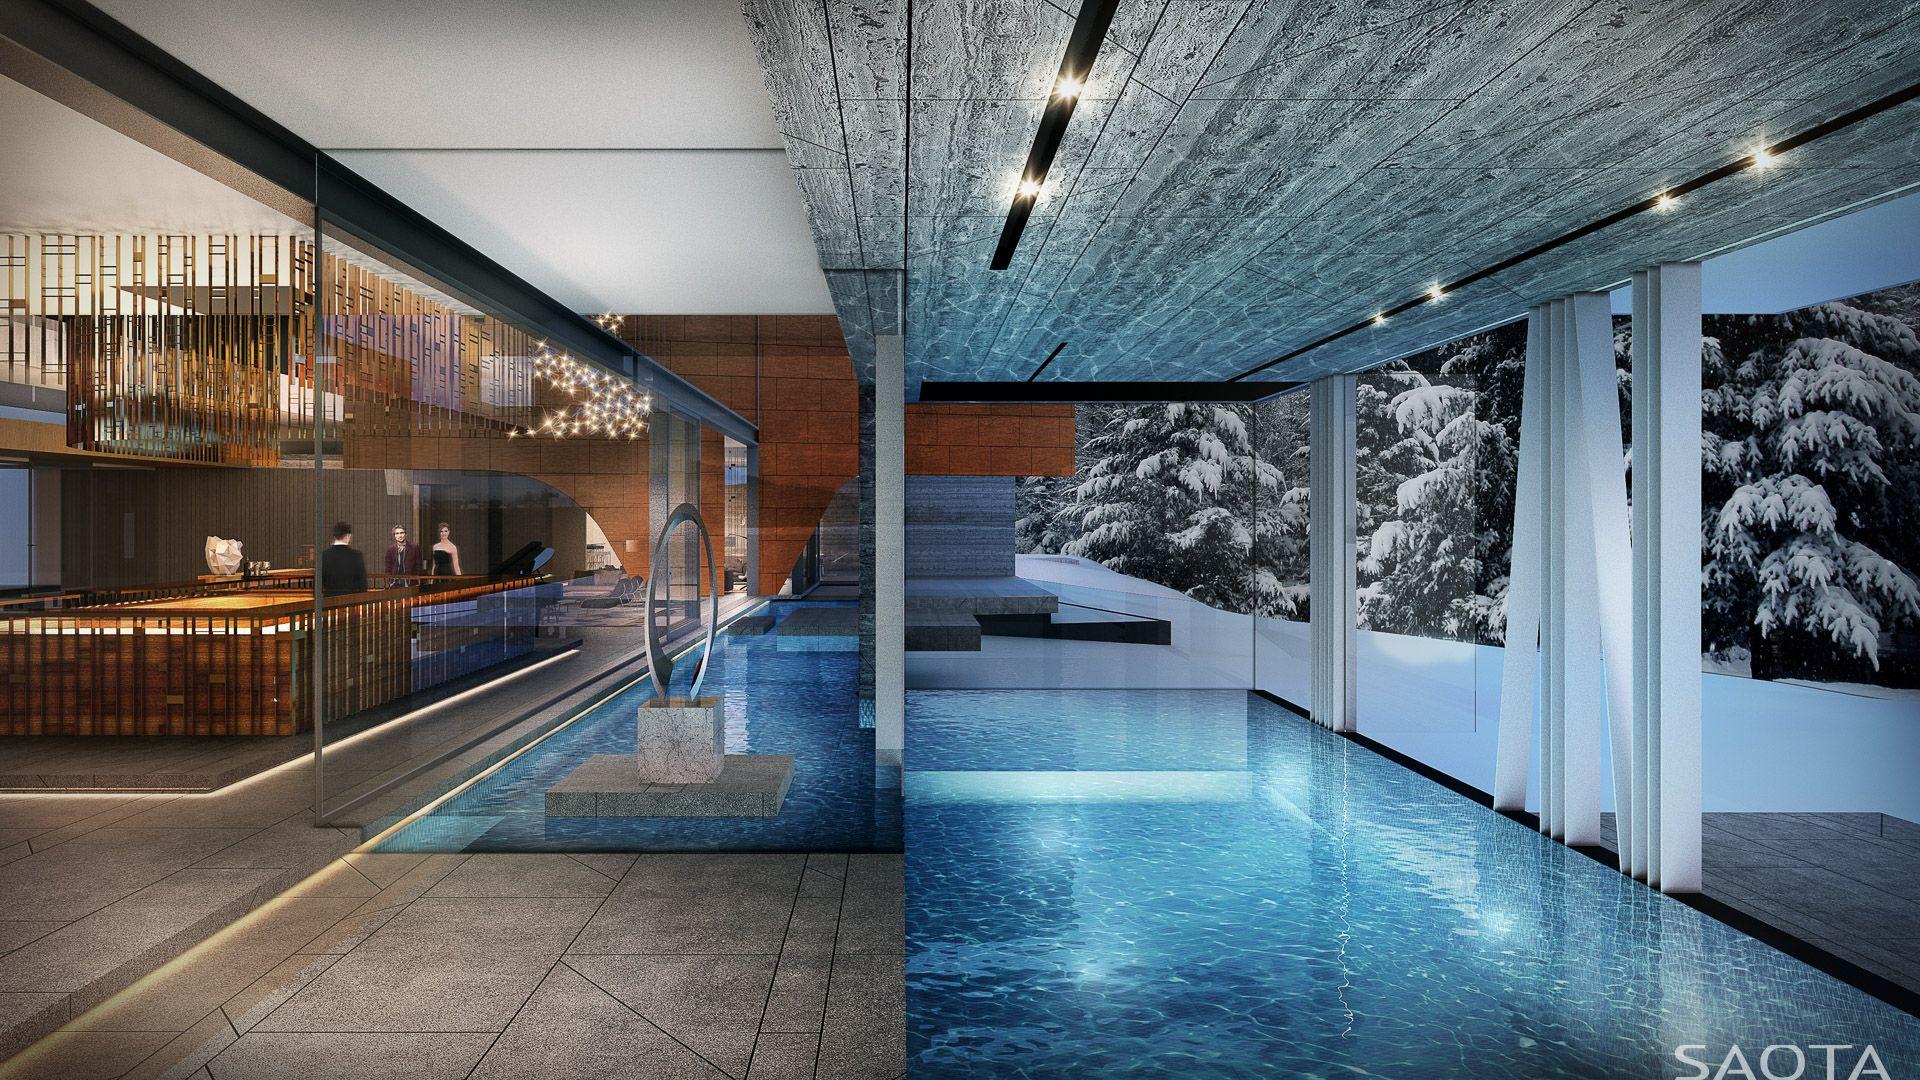 RU BARVIKHA - SAOTA Architecture and Design | saota | Pinterest ...